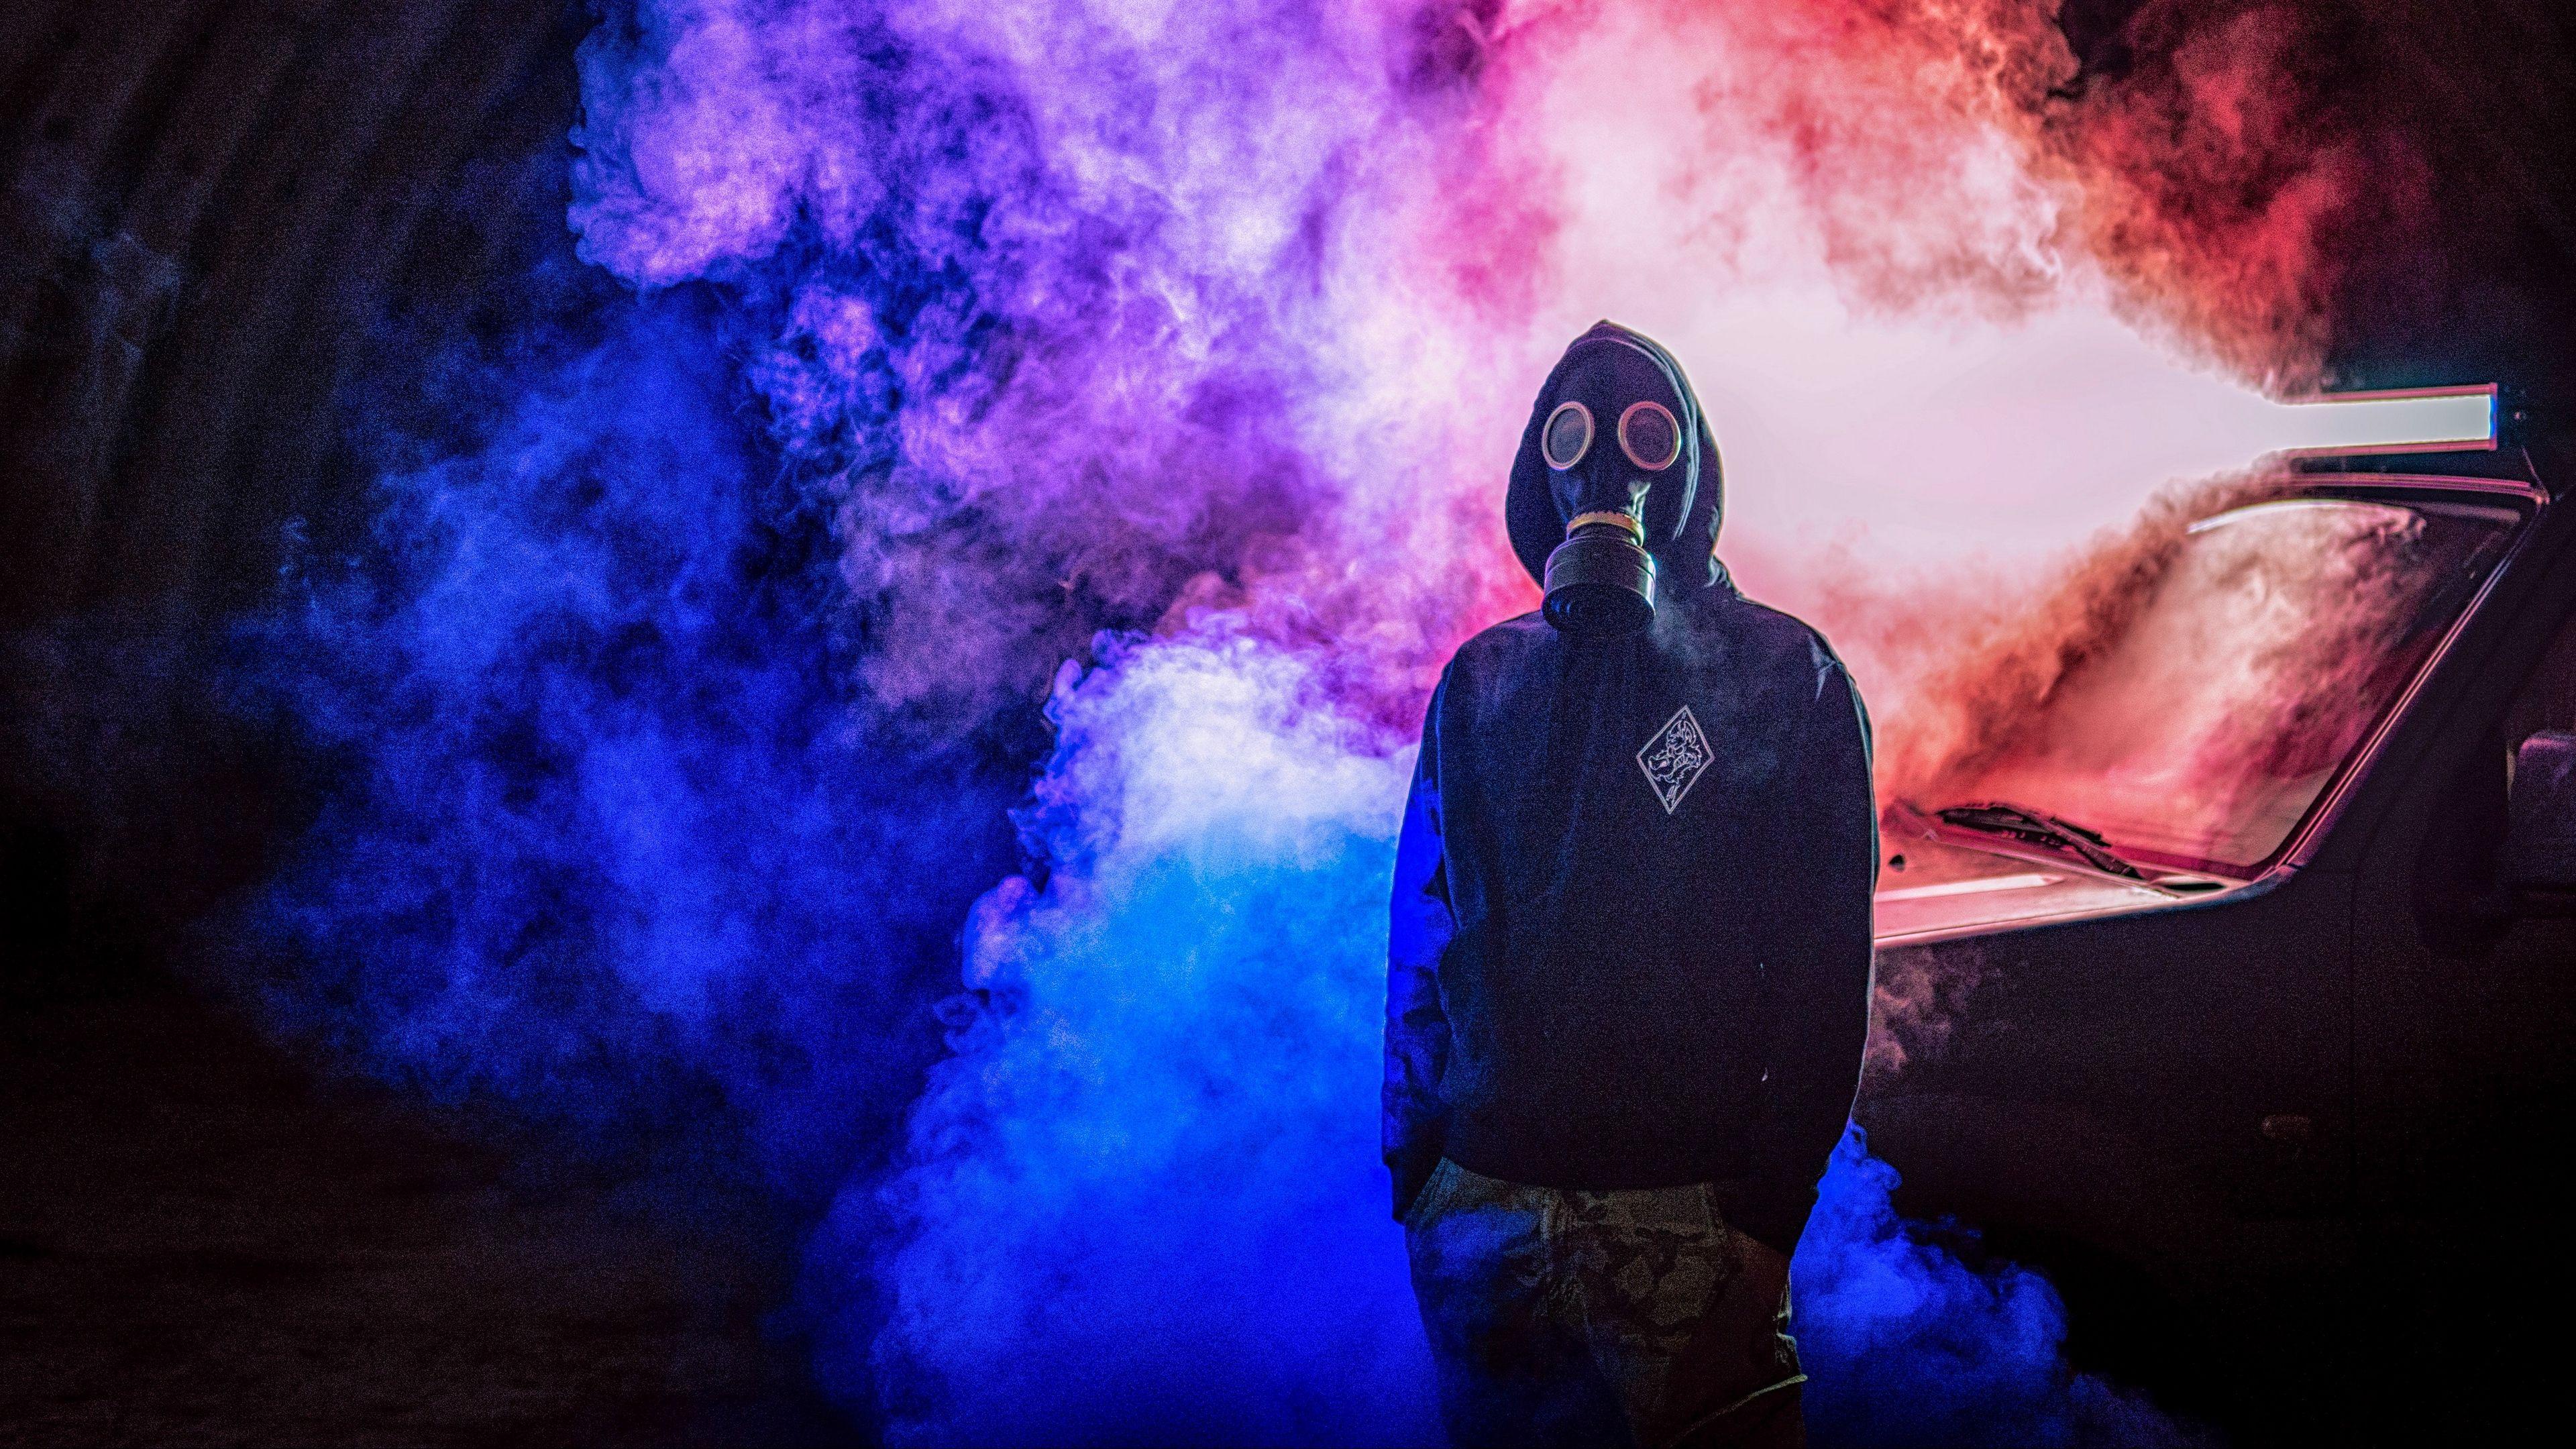 3840x2160 Tải xuống hình nền 3840x2160 mặt nạ phòng độc, đàn ông, hút thuốc, đầy màu sắc 4k uhd